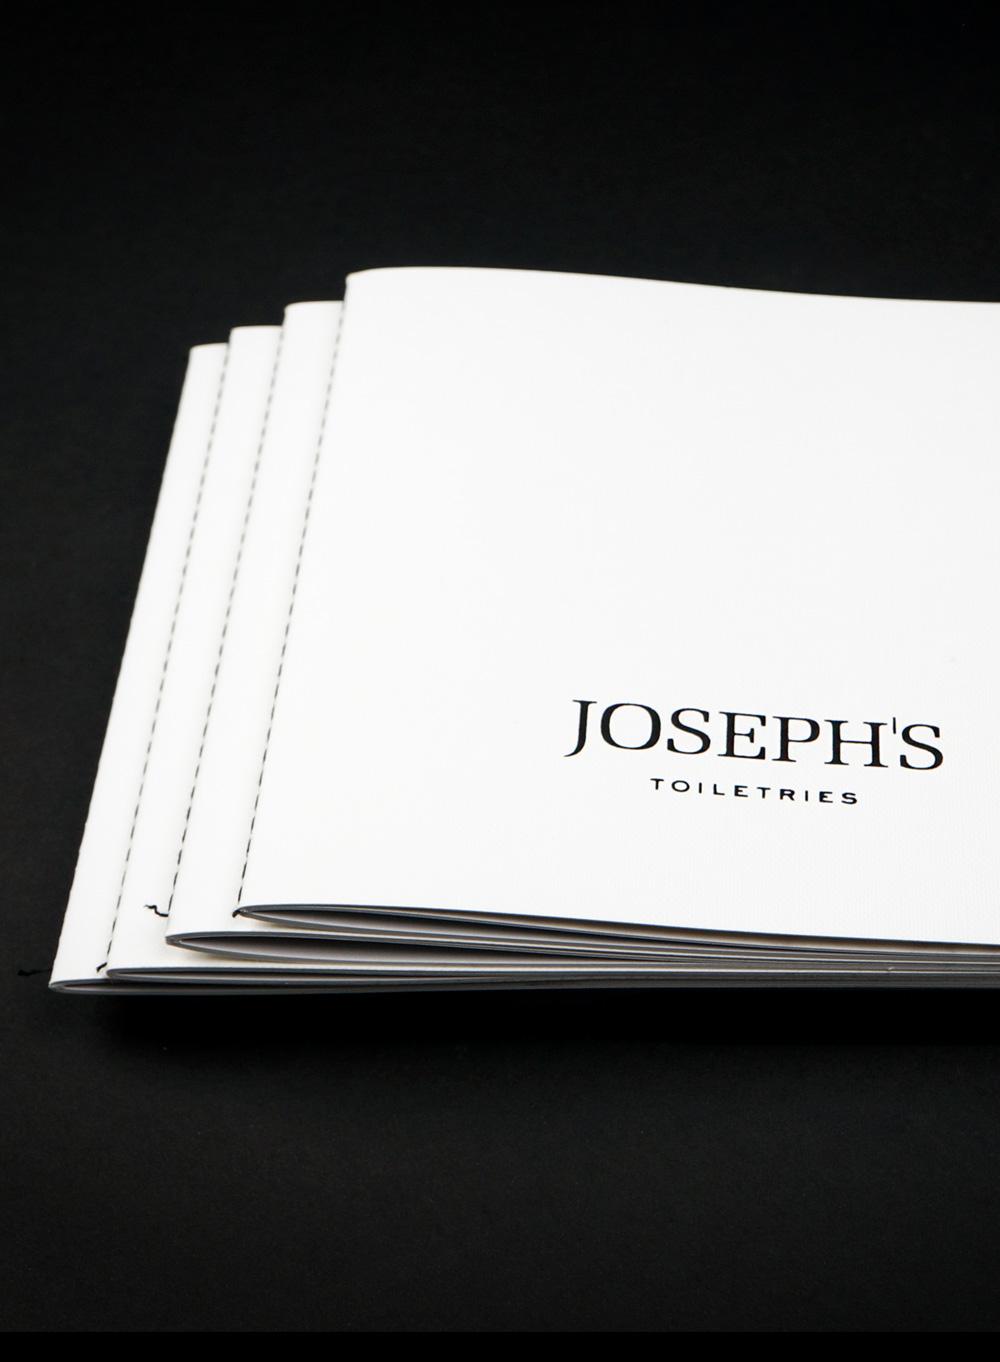 blyss-josephs_branding-03.jpg